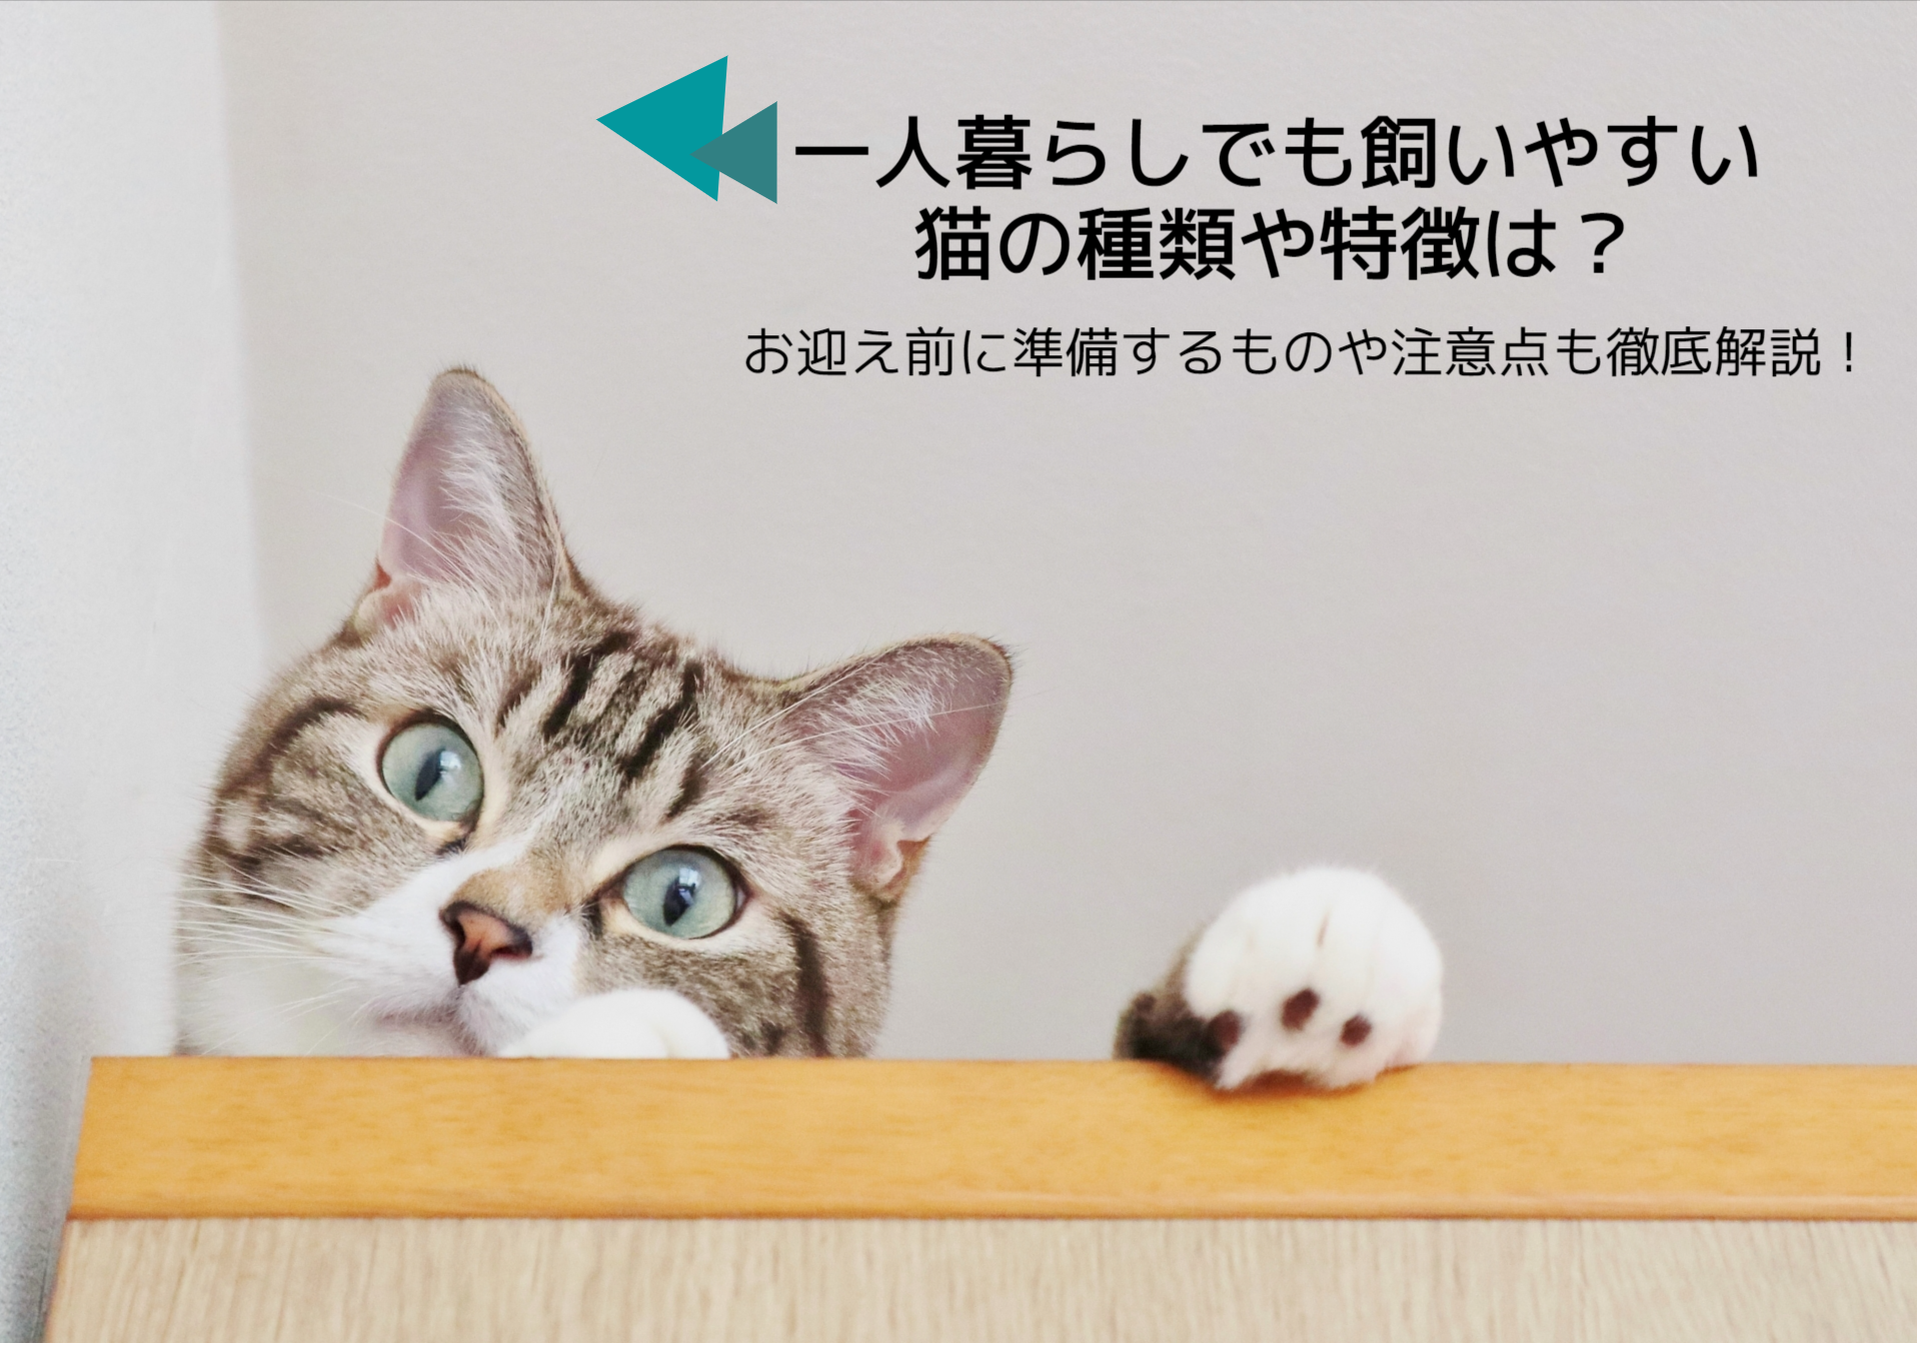 一人暮らしで飼いやすい猫の種類や特徴